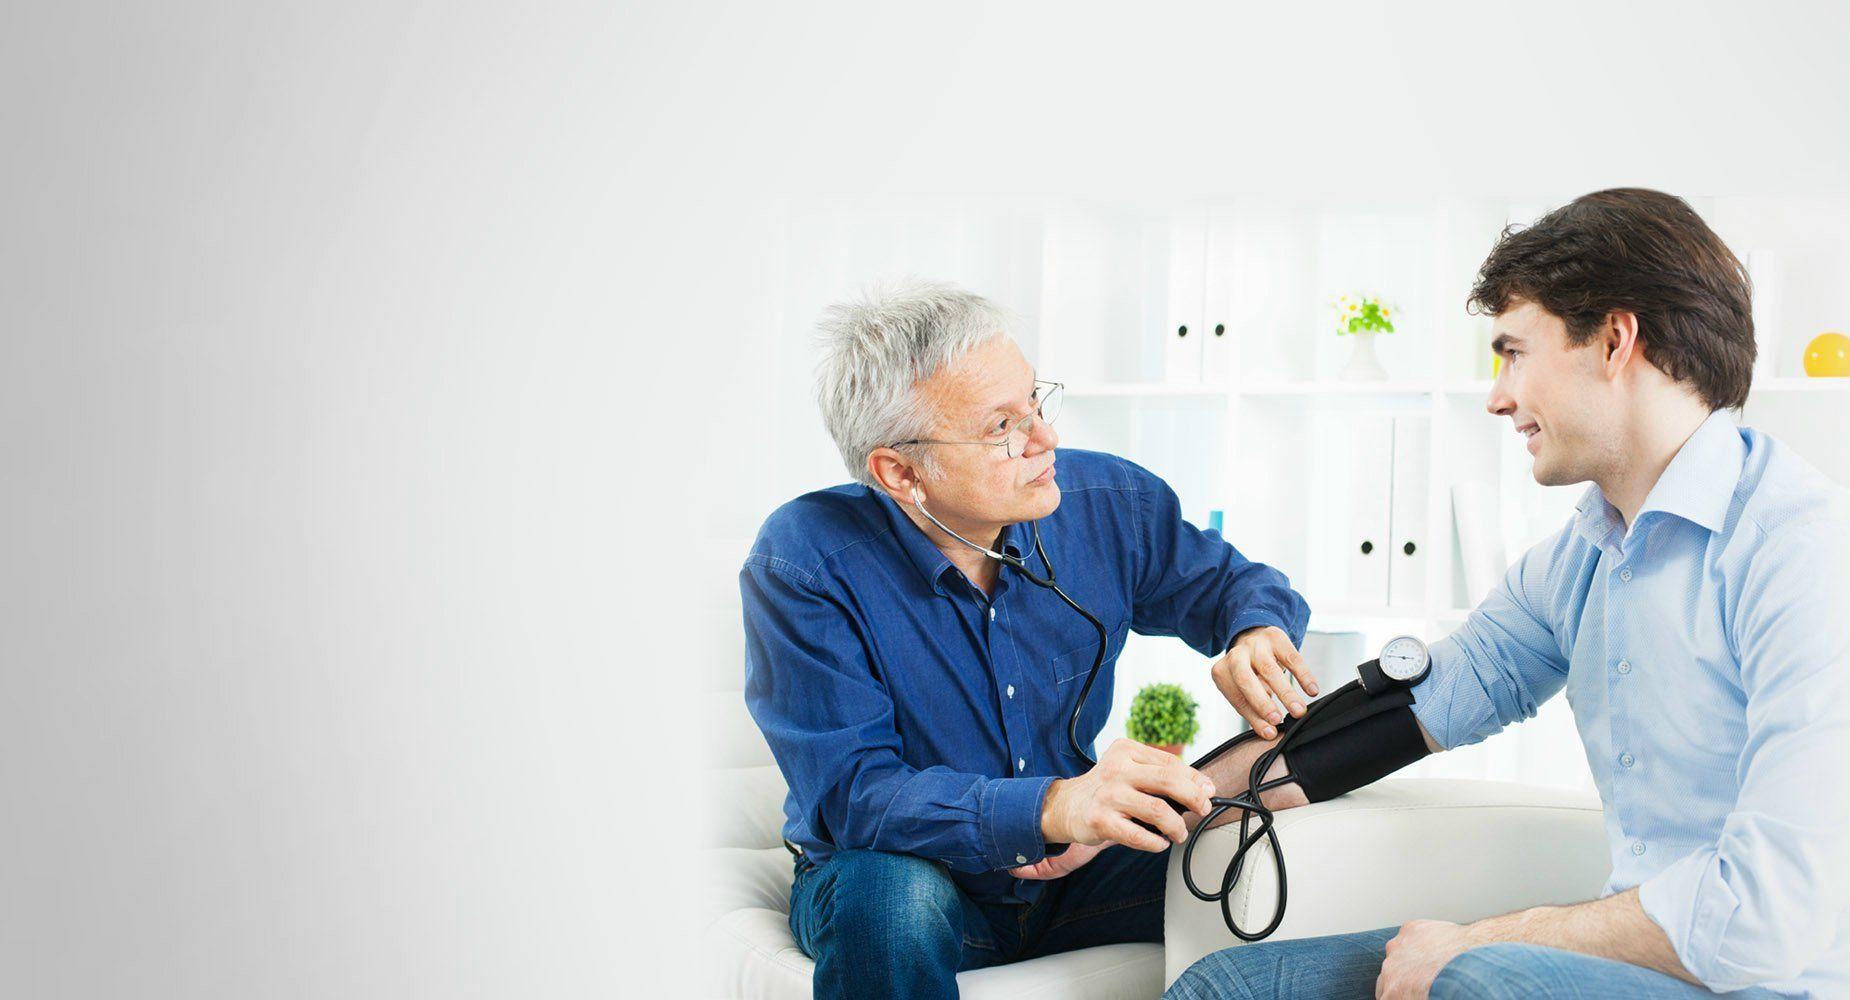 slider-medical-assessments-4-medical